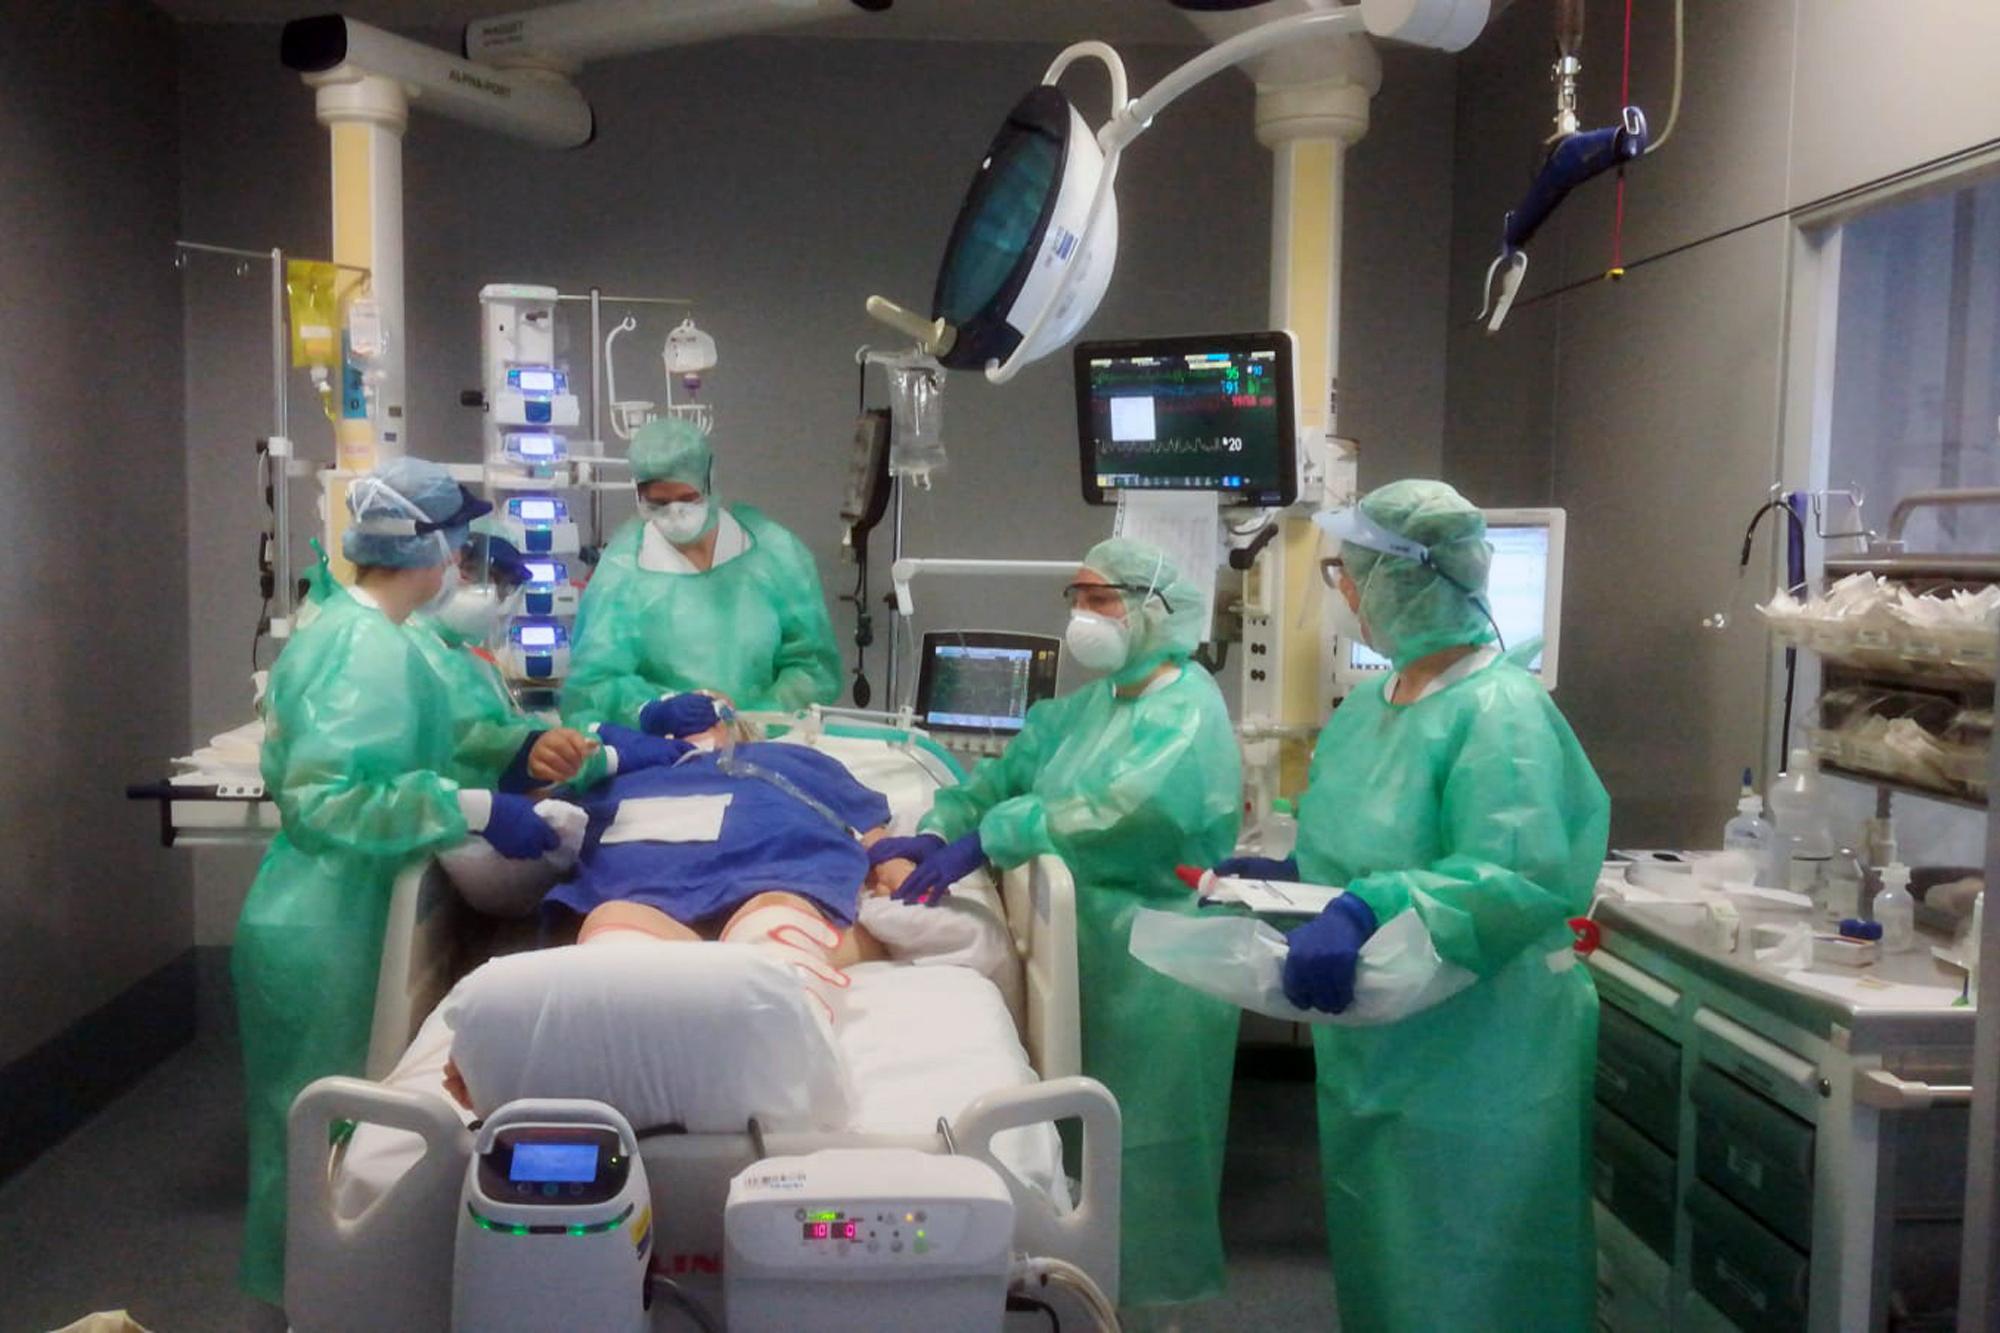 신종 코로나바이러스 감염증(코로나19) 환자가 집중 발생한 이탈리아 북부 롬바르디아 주 베르가모 시의 한 병원 집중치료실에서 지난 17일(현지시간) 의료진이 코로나19 중증 환자를 치료하고 있다.